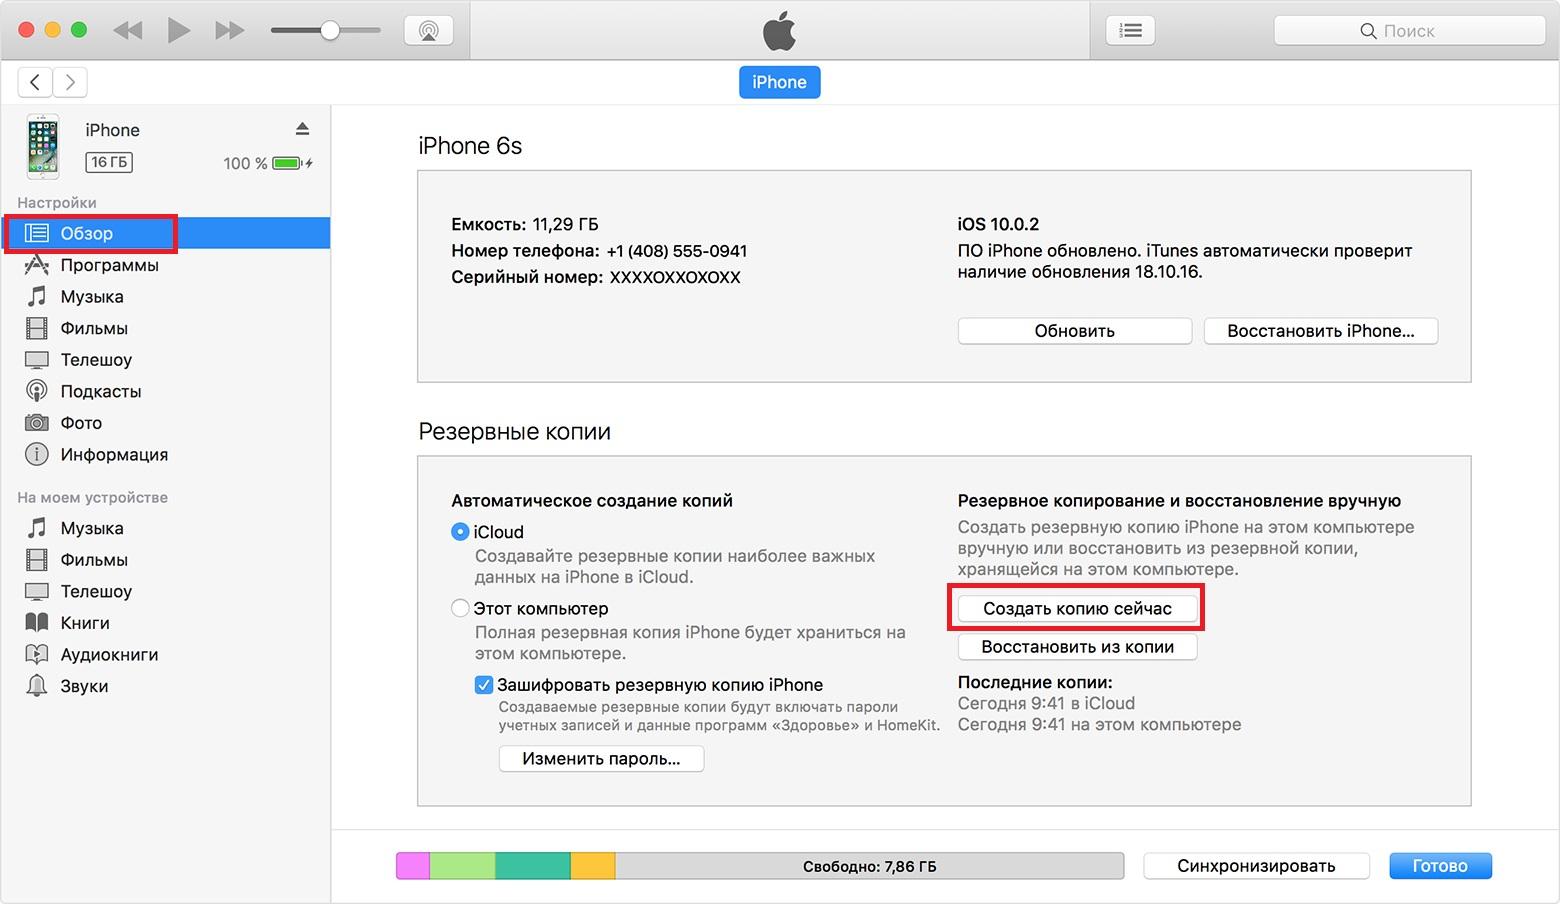 Как вернуть iOS 6 на iPhone  4, подробная инструкция